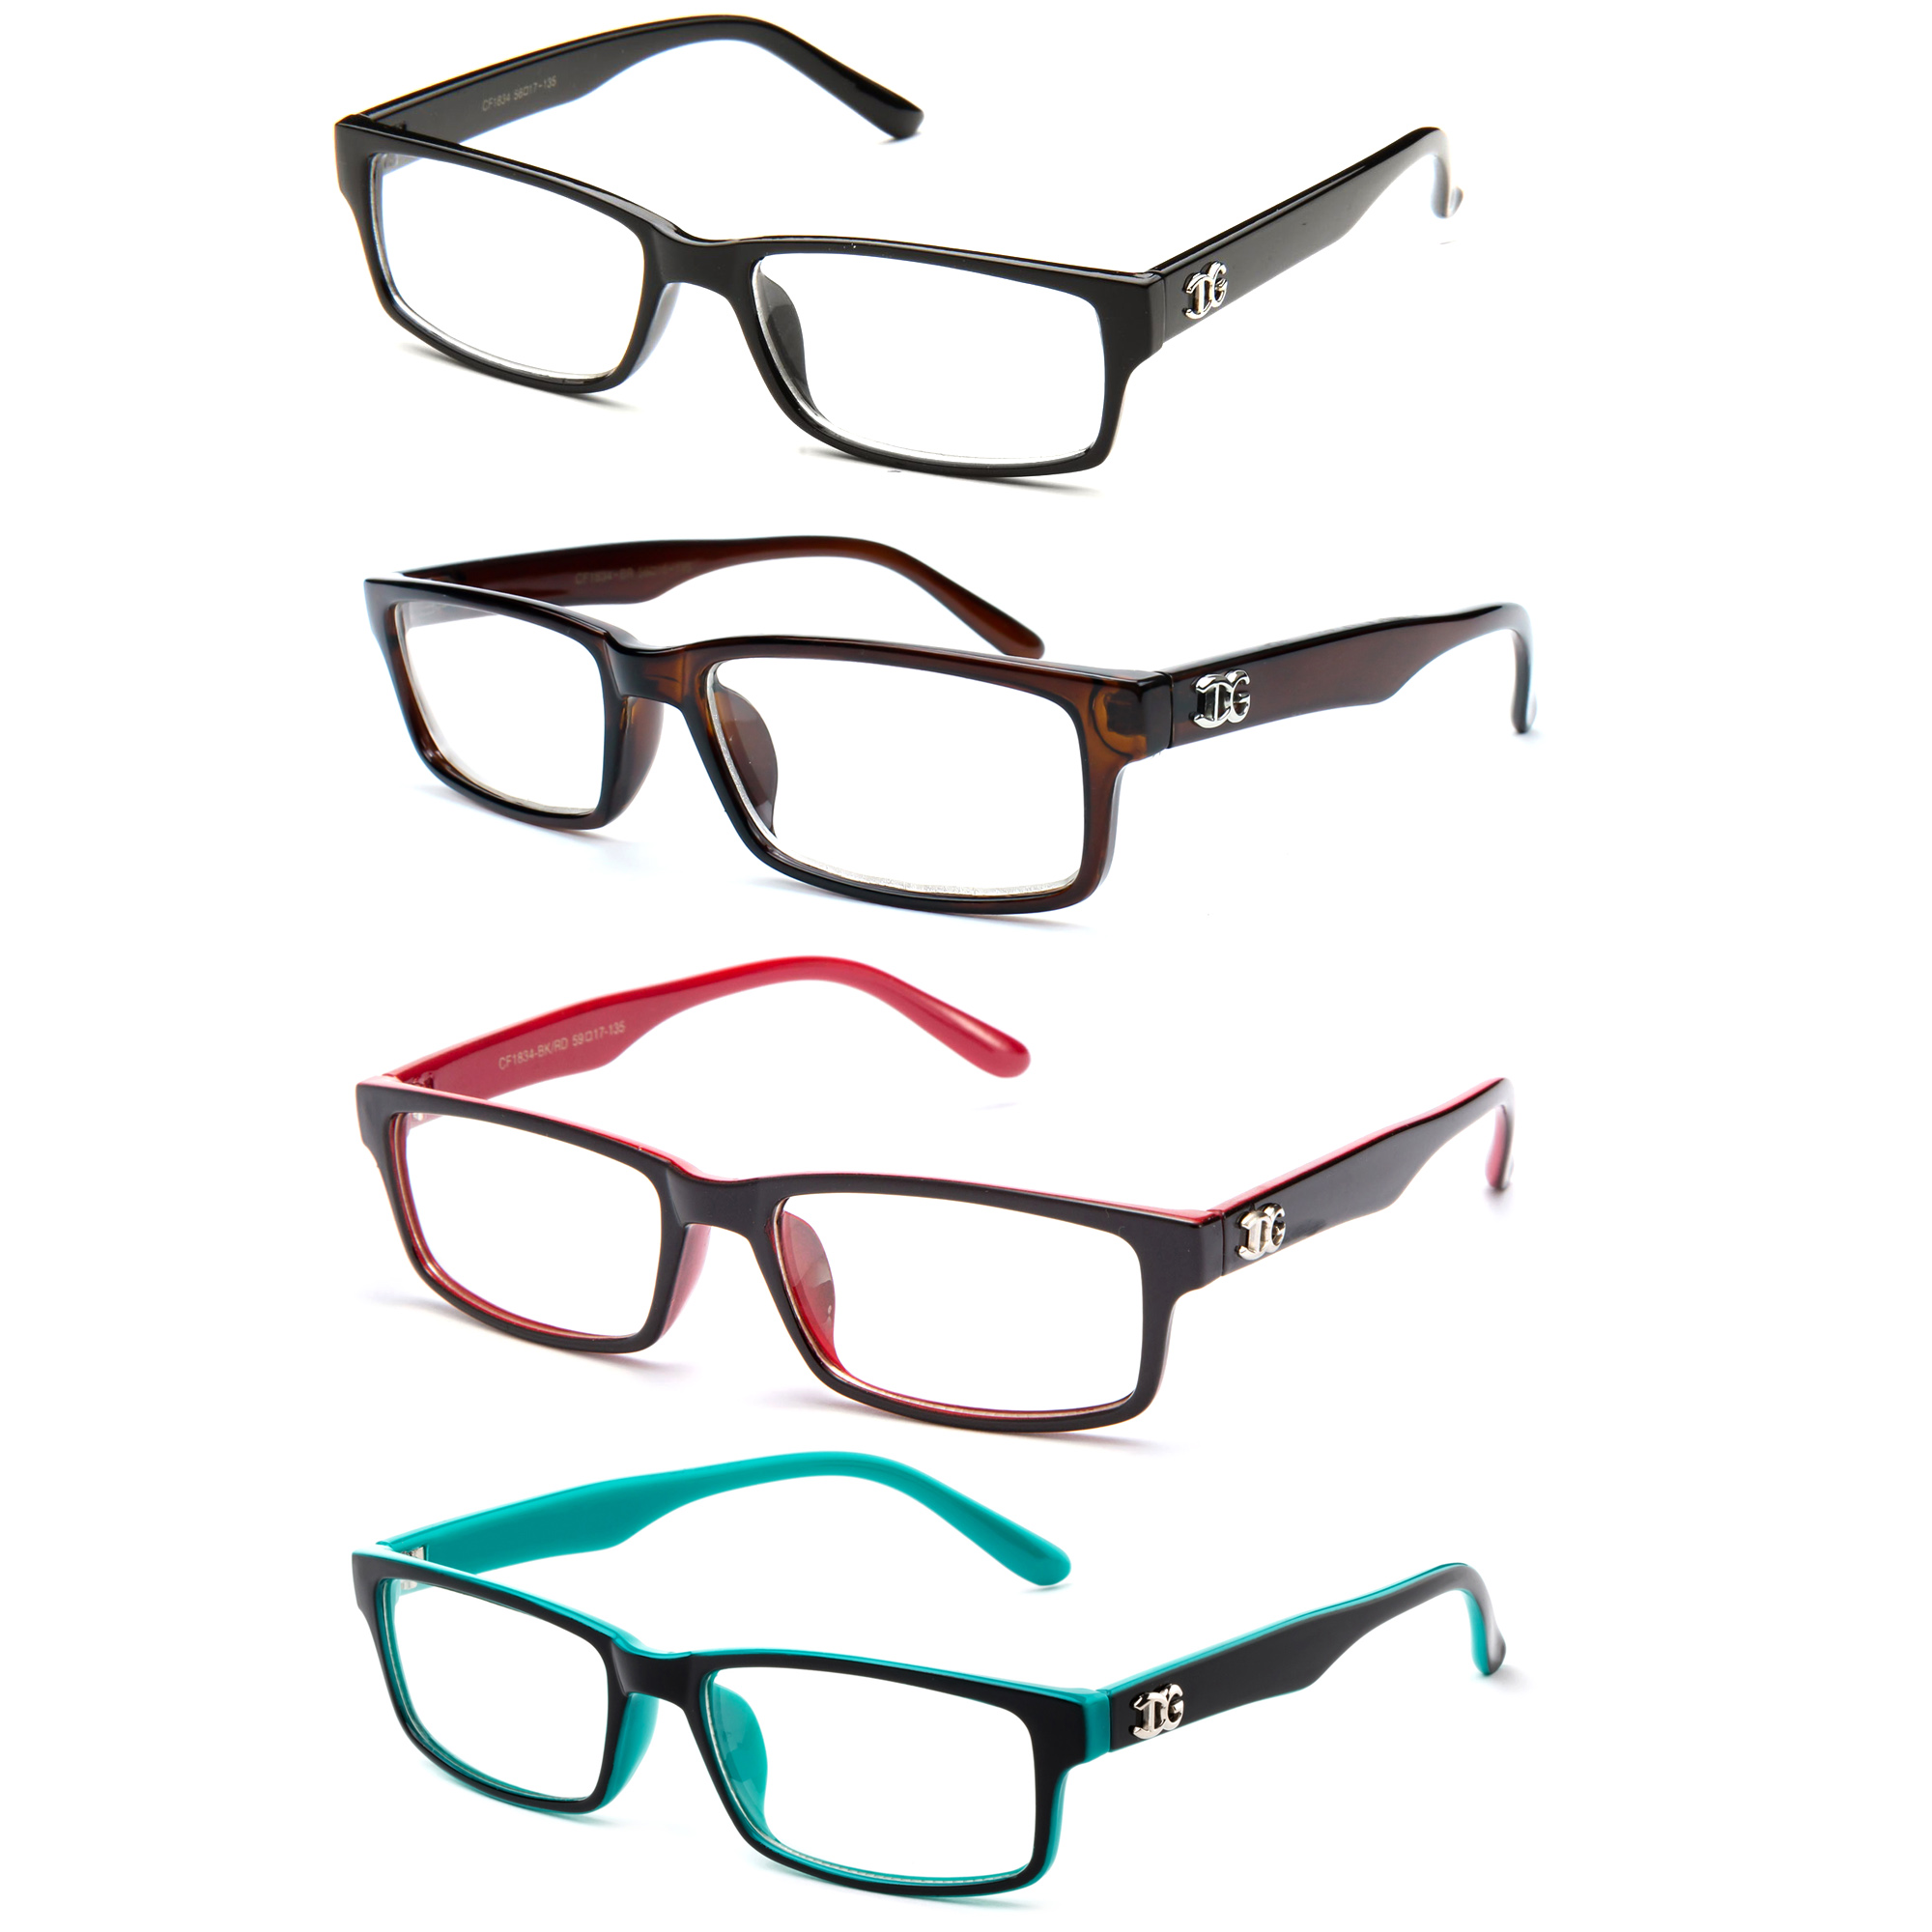 """Newbee Fashion - """"Kay"""" Unisex Clear Lens Plastic Fashion Glasses"""